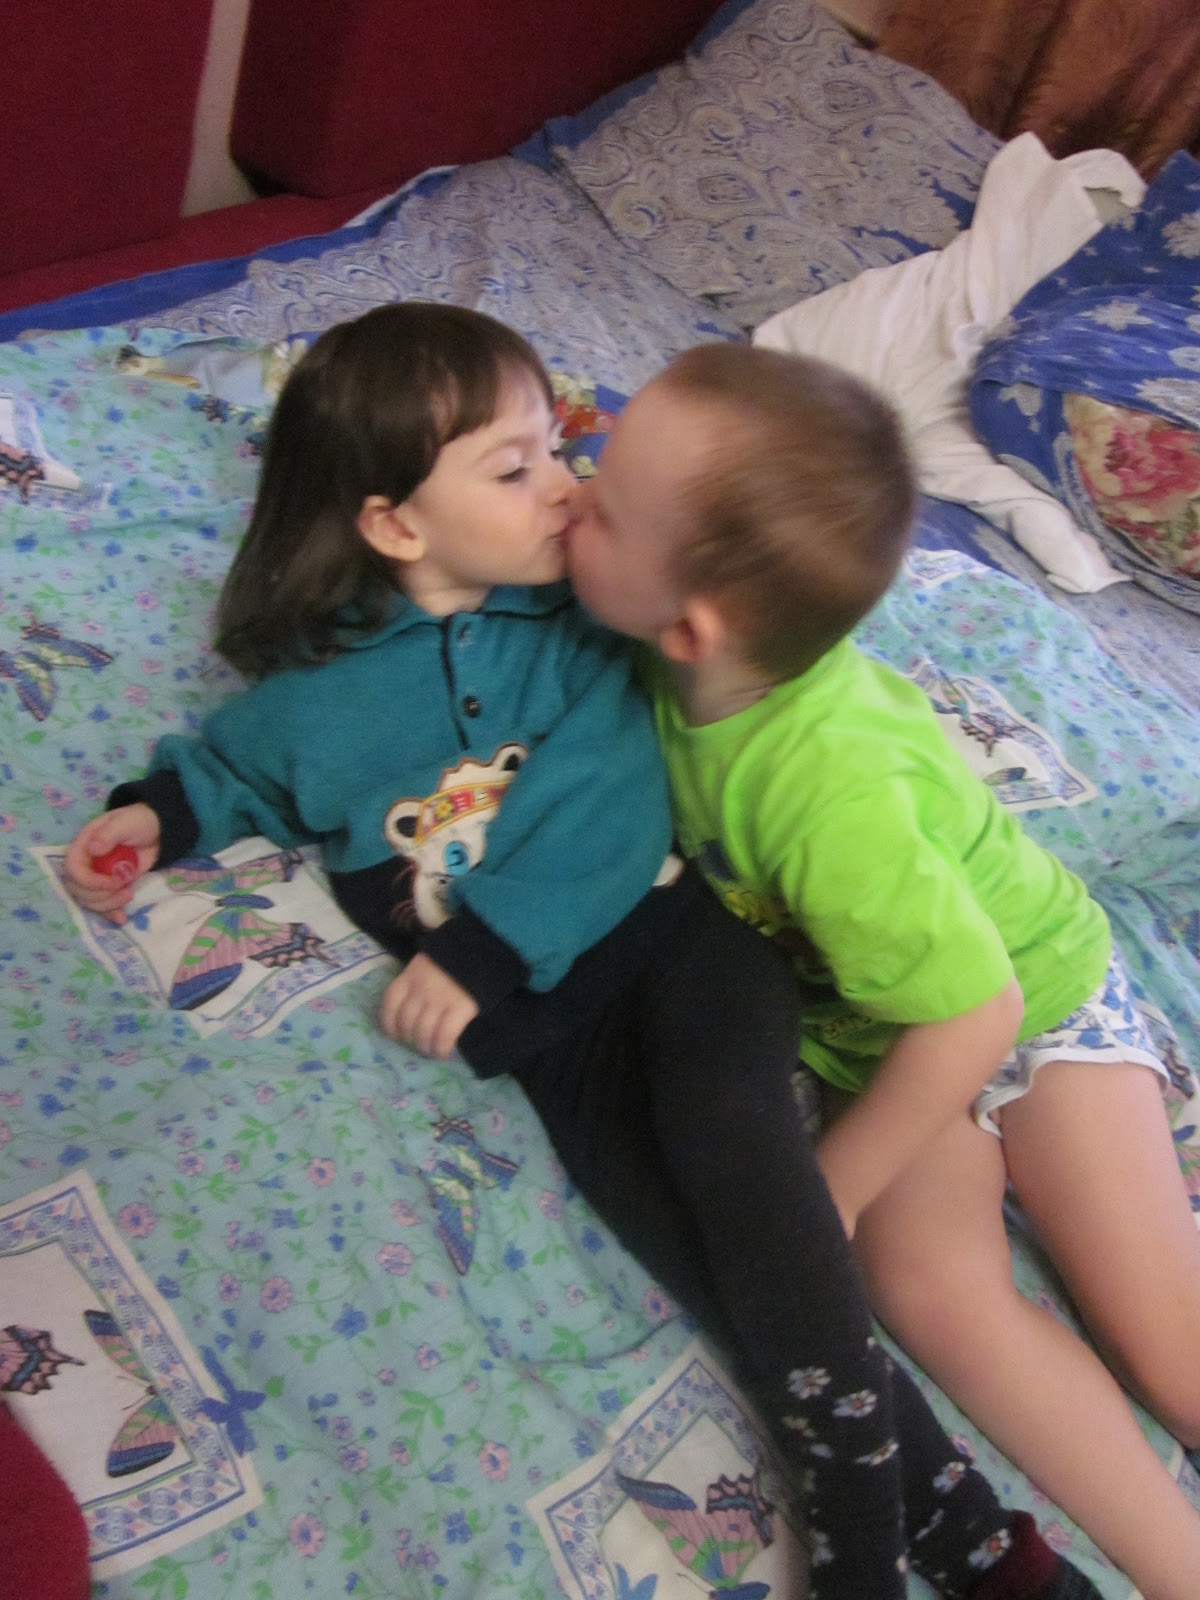 Брат разбудил сестру с помощью куни и трахнул её